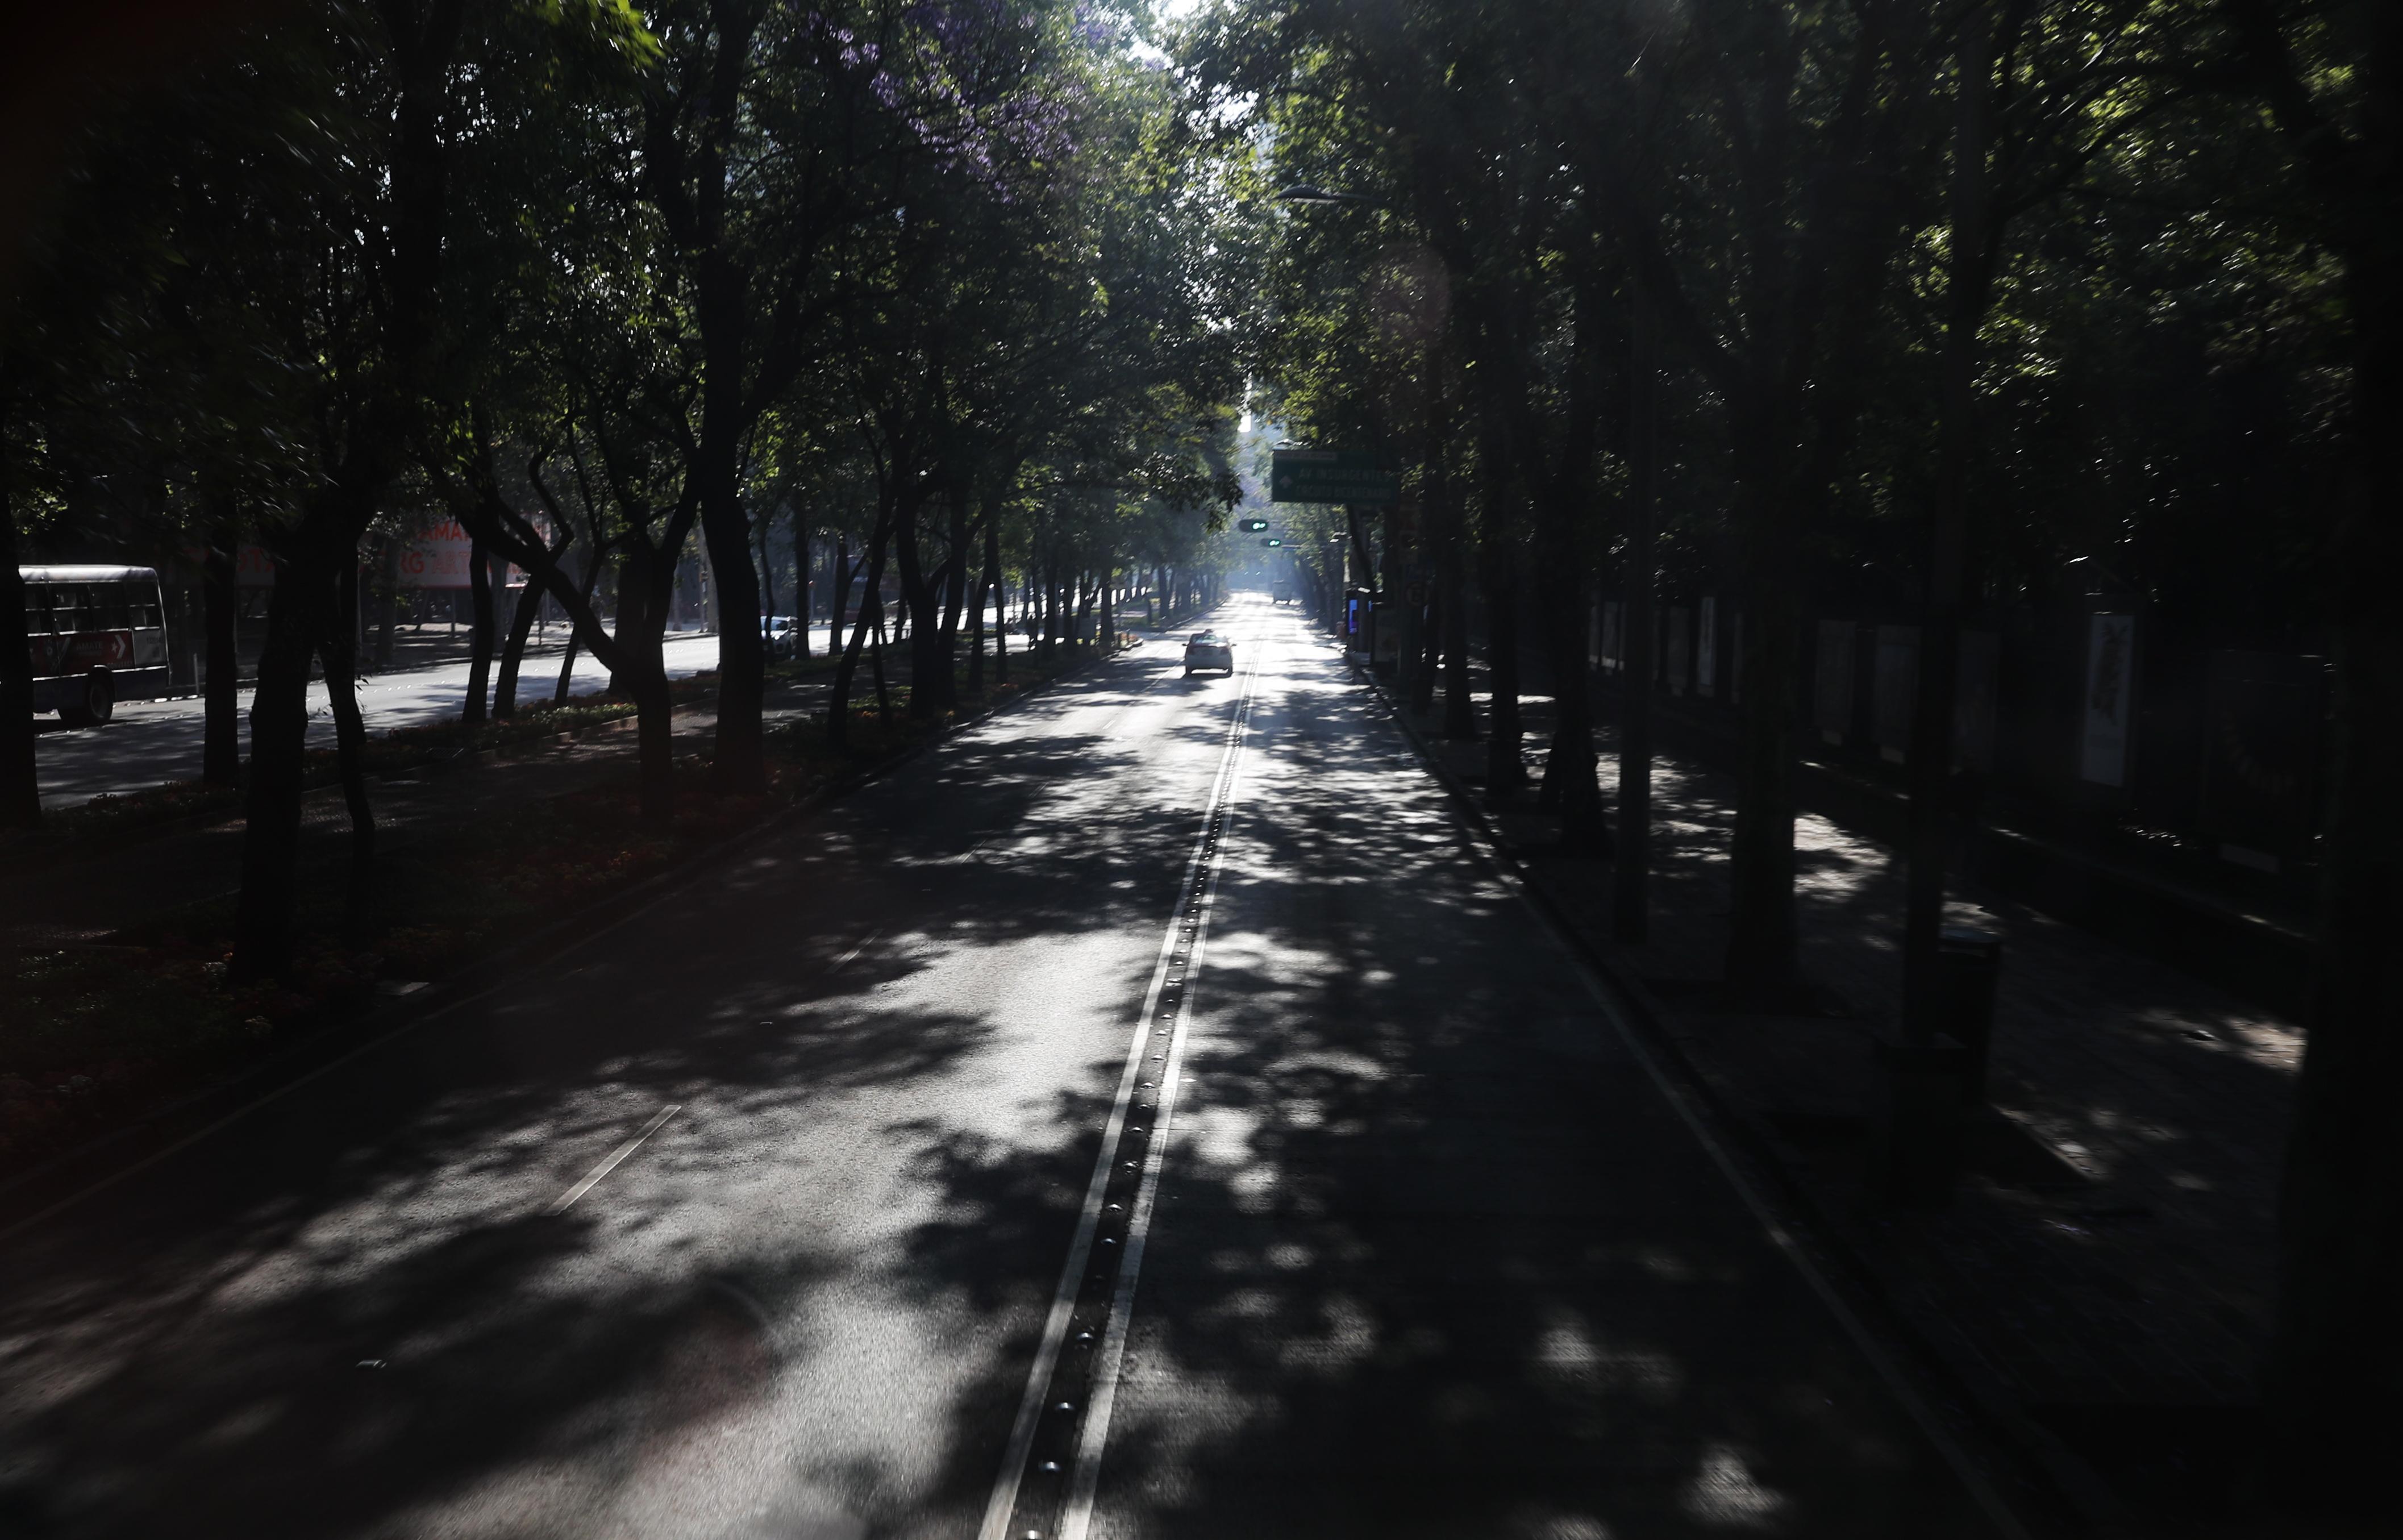 Un automóvil conduce en la avenida Reforma de la Ciudad de México casi vacía, el domingo 22 de marzo de 2020.